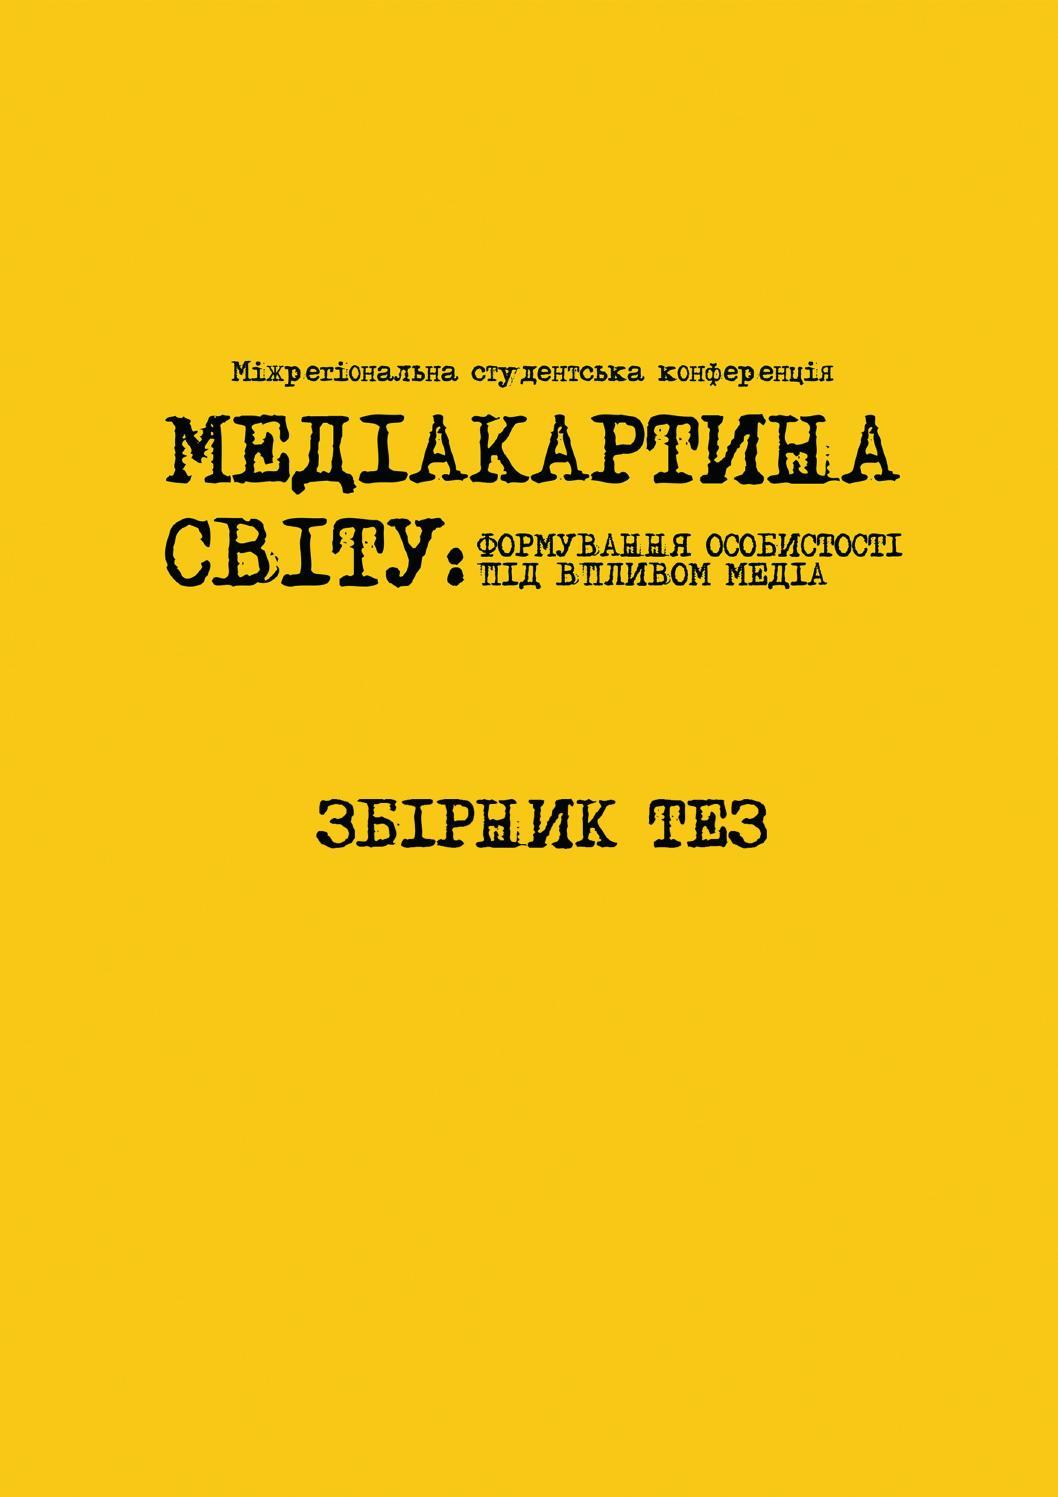 Медіакартина світу  формування особистості під впливом медіа by Ruslan -  issuu ac32225640678